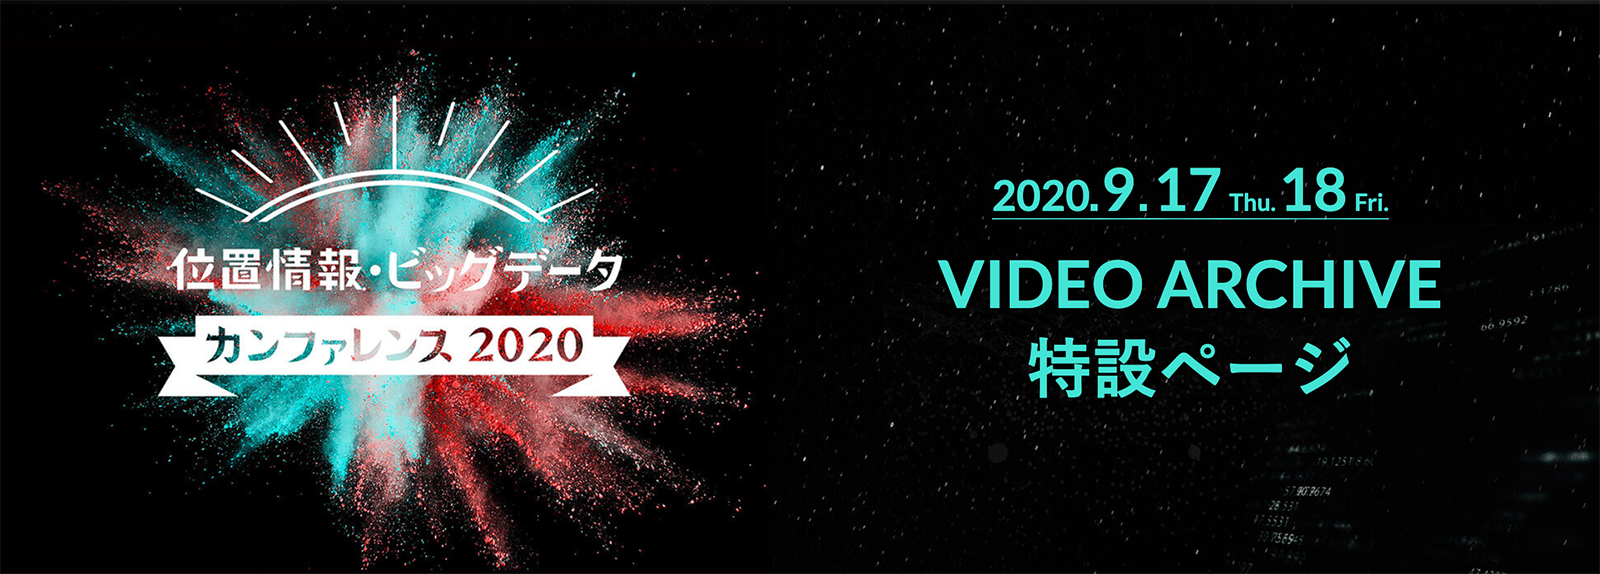 位置情報・ビッグデータカンファレンス2020アーカイブ